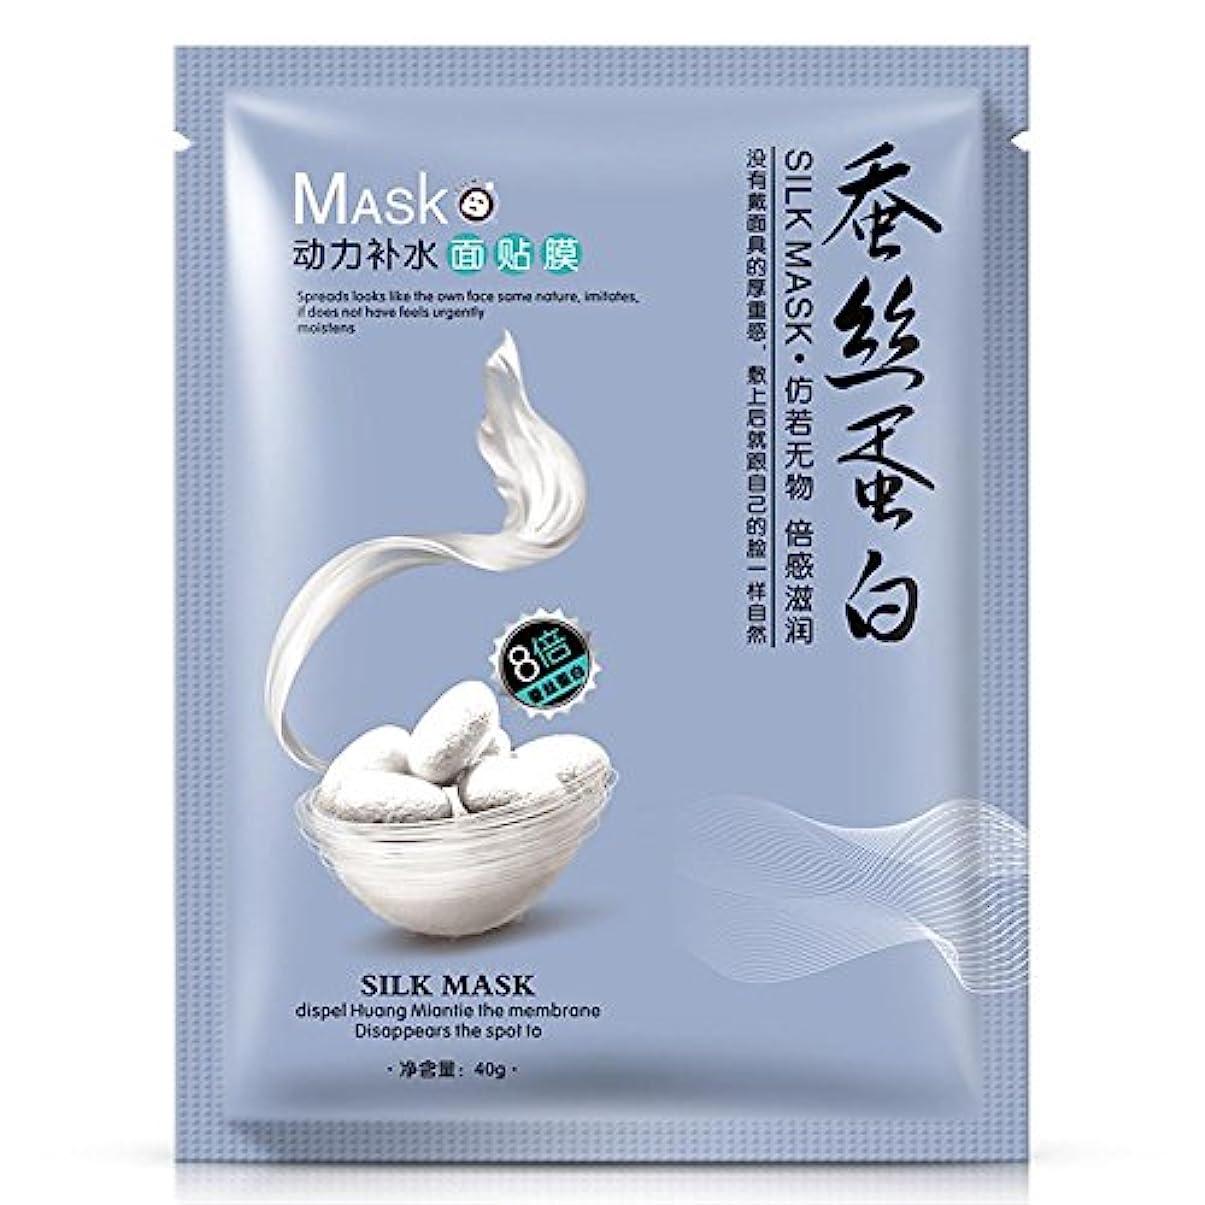 感じ範囲に負けるSILUN 1ピースワンスプリングシルクプロテイン保湿フェイシャルマスクオイルコントロールにきび除去ホワイトニング化粧品保湿フェイスマスク